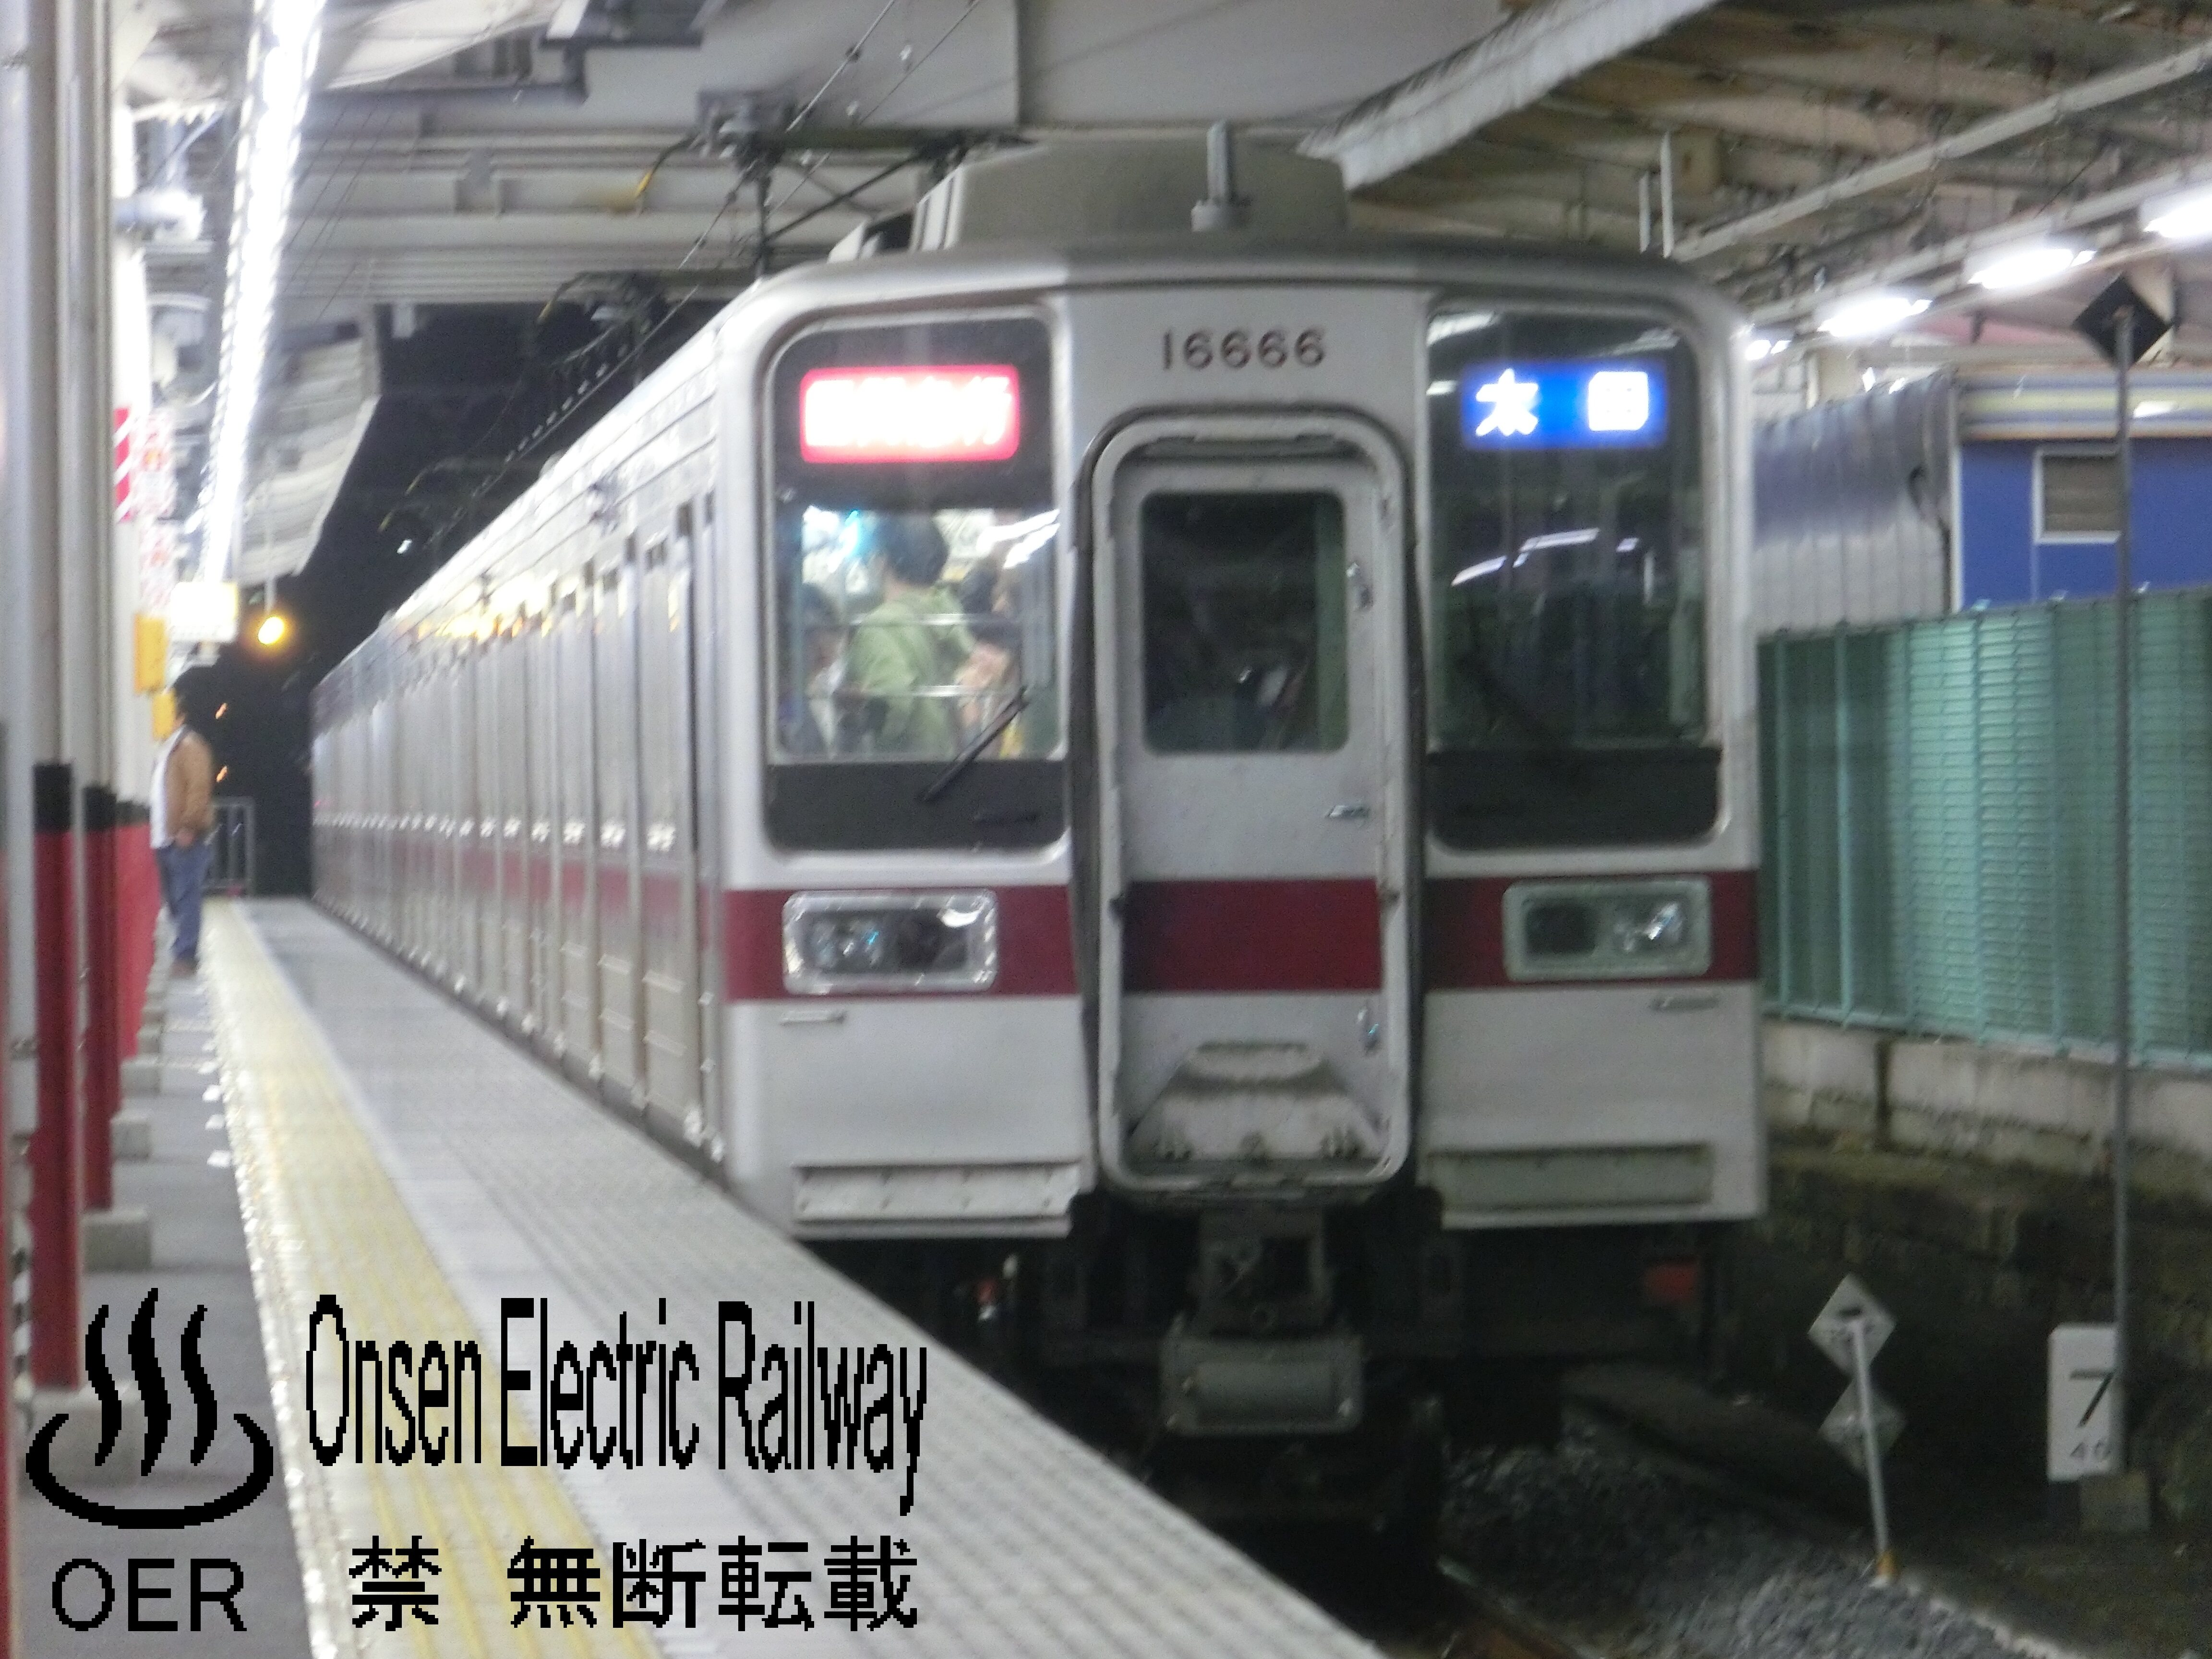 07_tobu_10050_16666.jpg